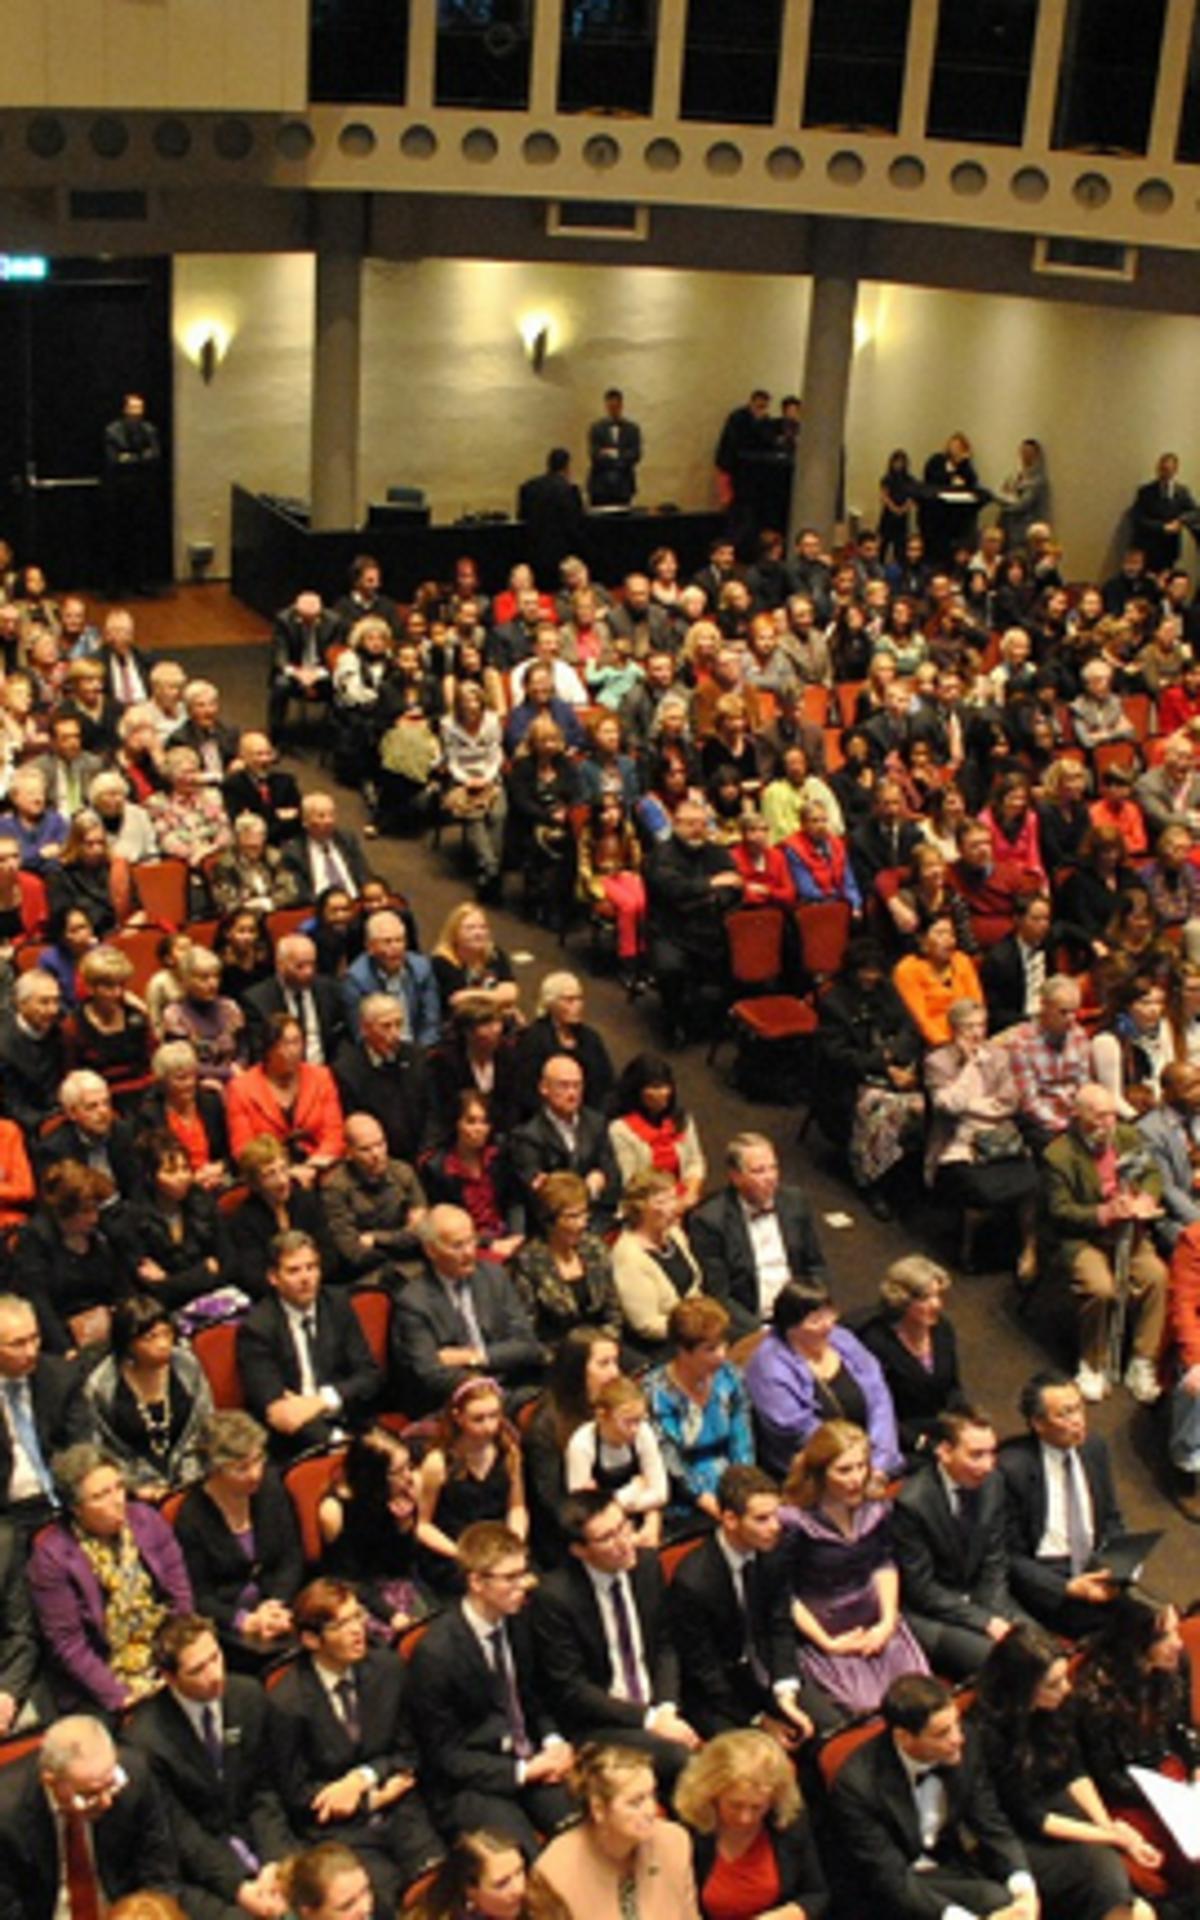 Kerstconcert Den Haag